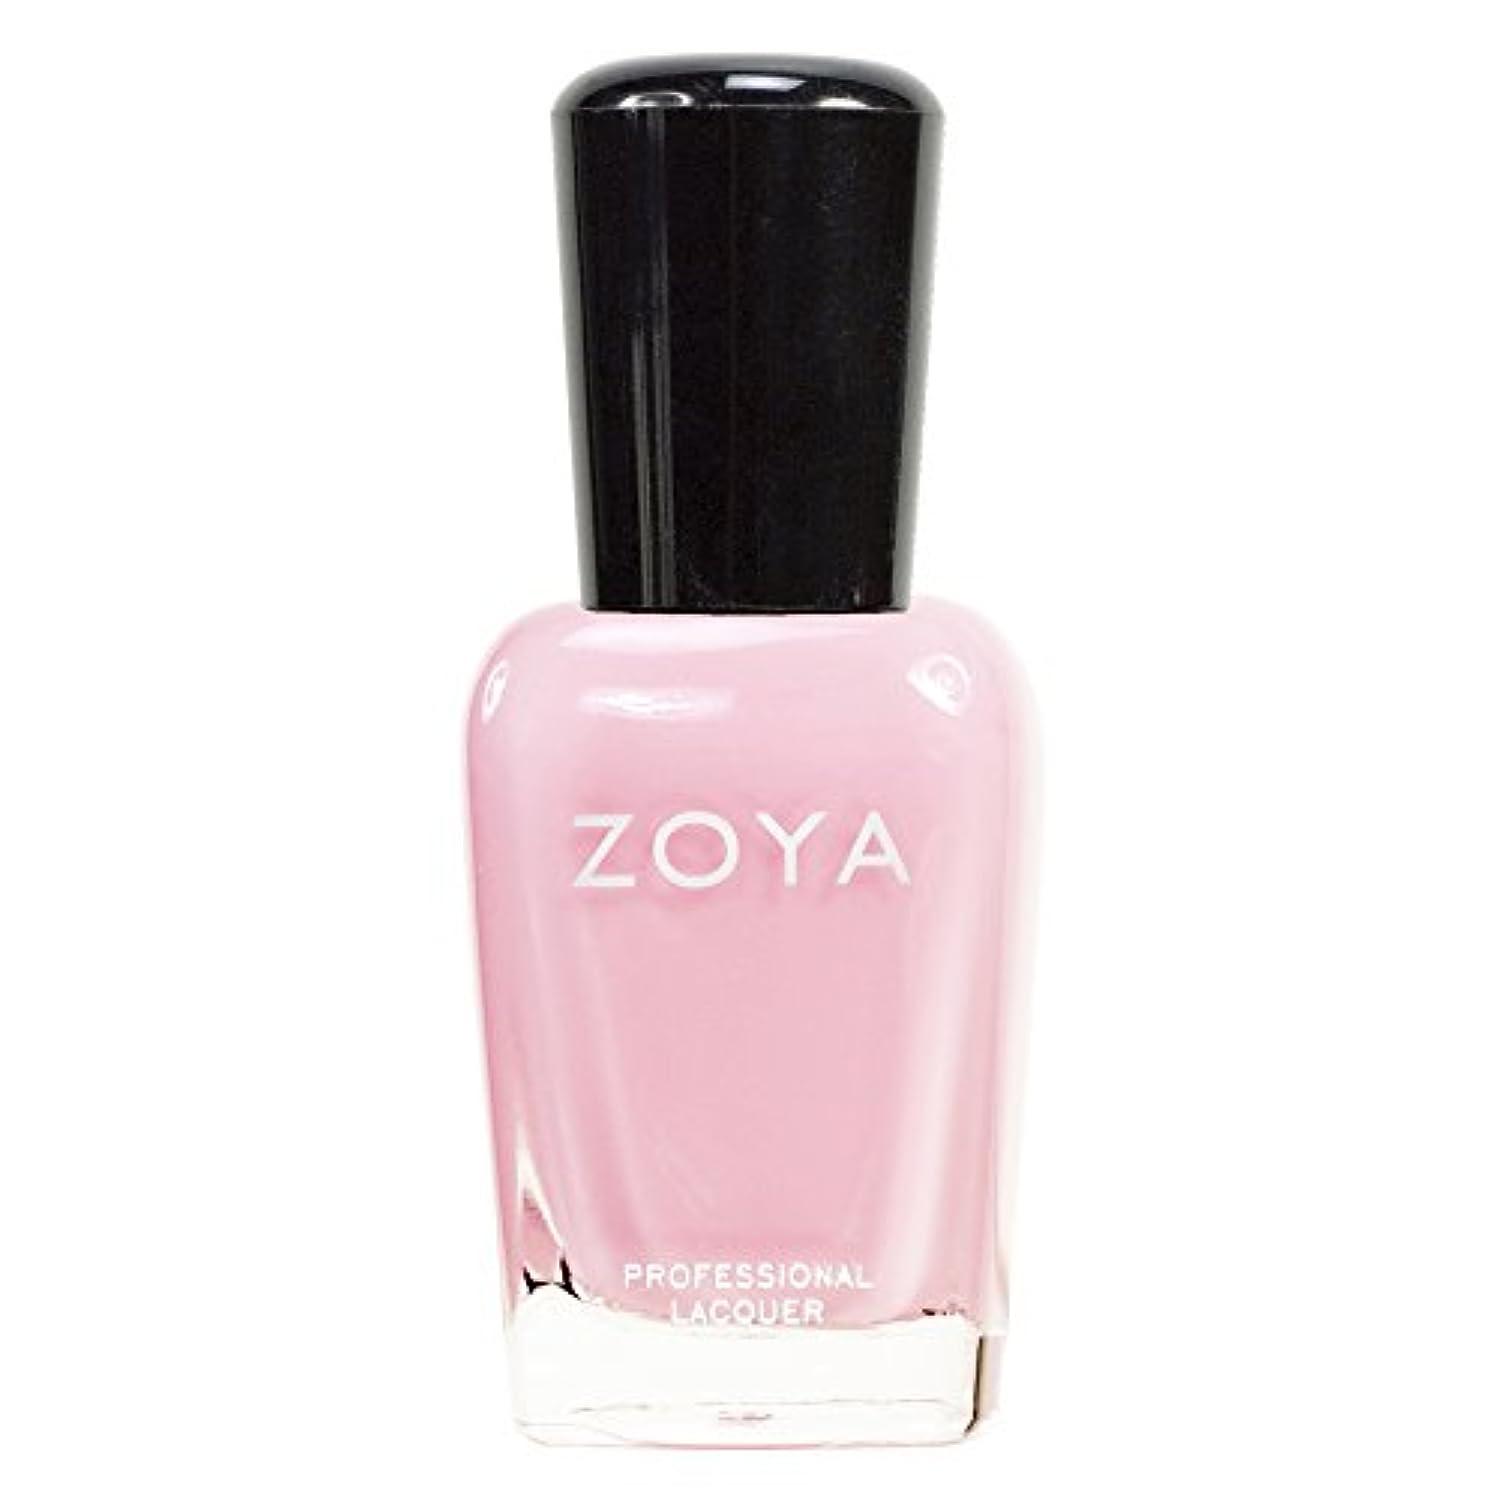 酸カートリッジヒュームZOYA ゾーヤ ネイルカラーZP315 BELA ベラ 15ml 淡く優しいクリーミーなピンク マット 爪にやさしいネイルラッカーマニキュア